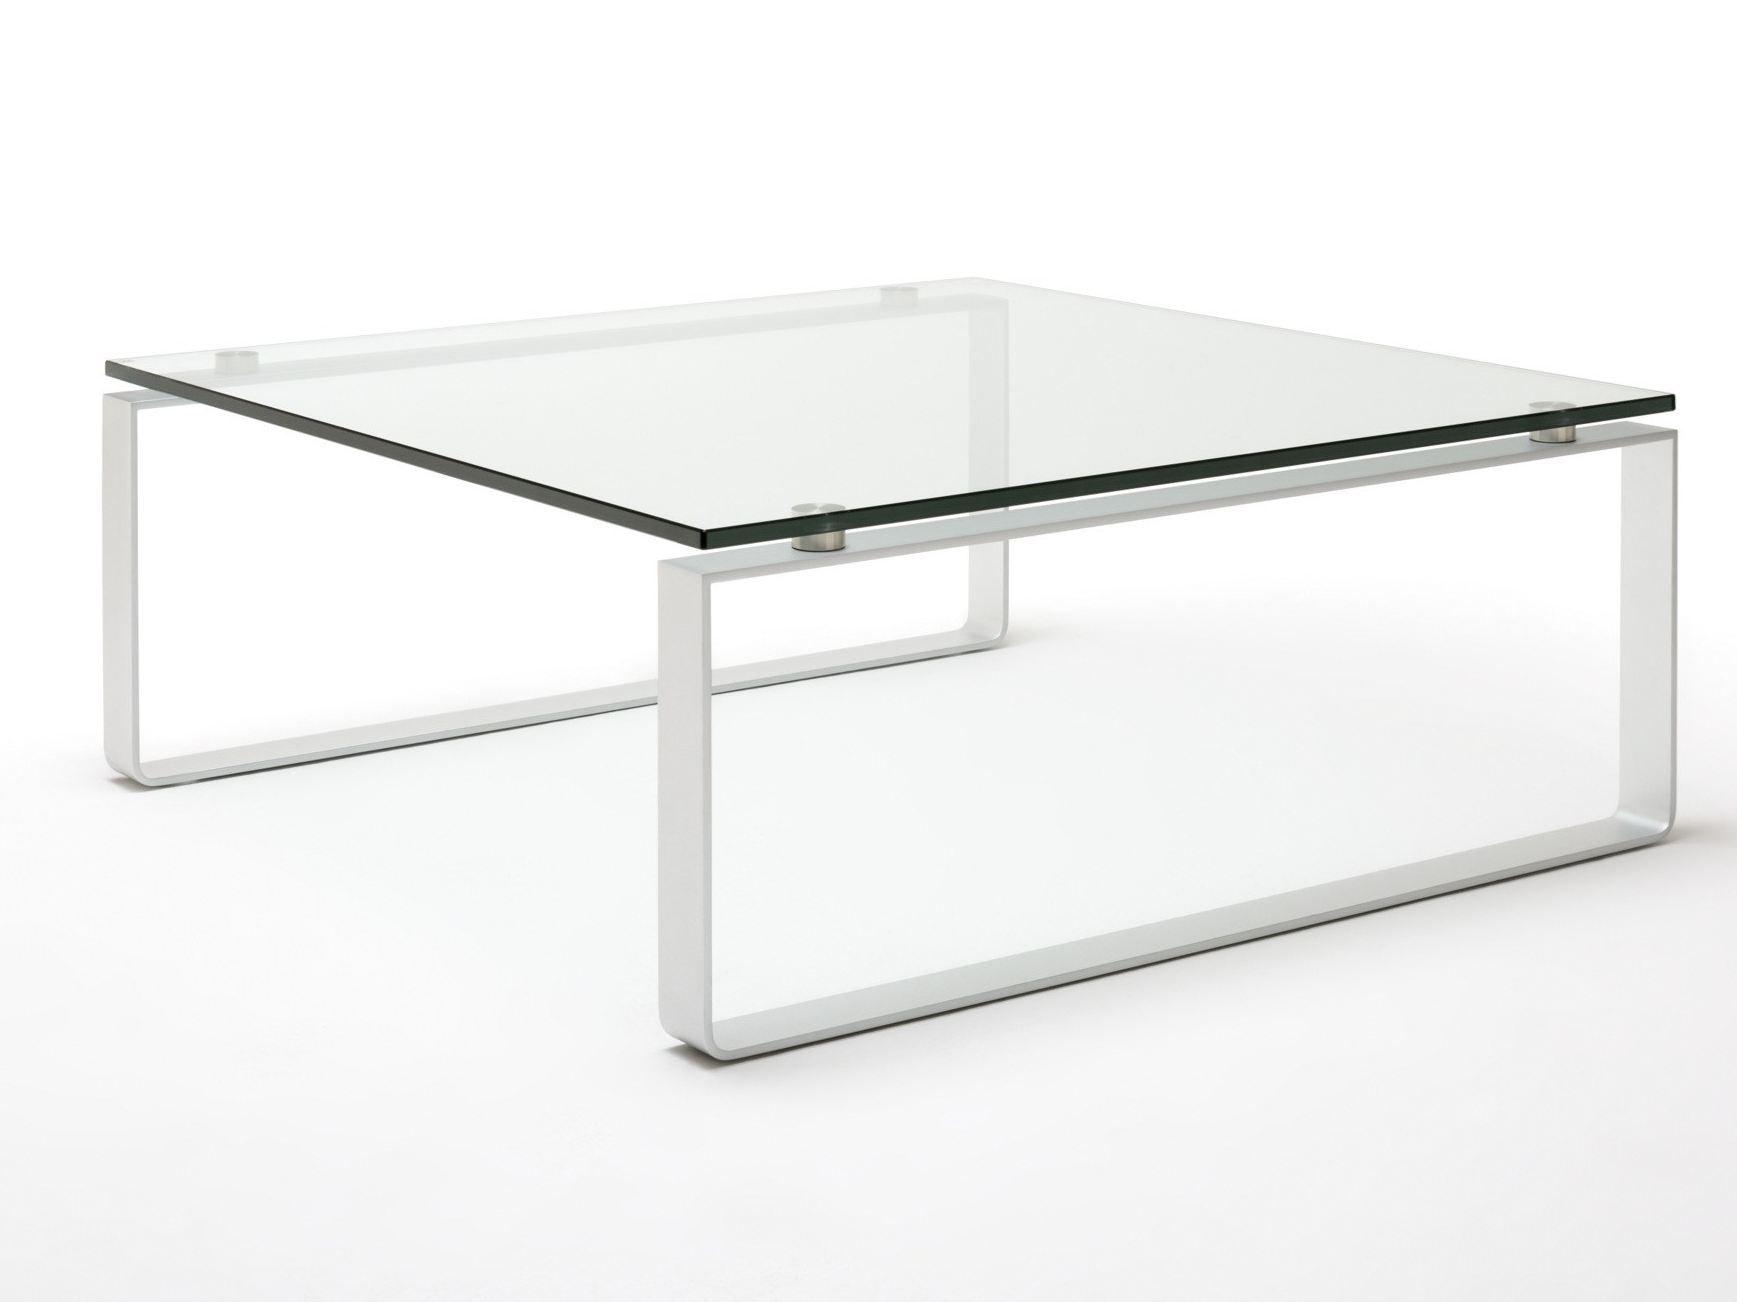 quadratischer couchtisch aus stahl und glas mit. Black Bedroom Furniture Sets. Home Design Ideas